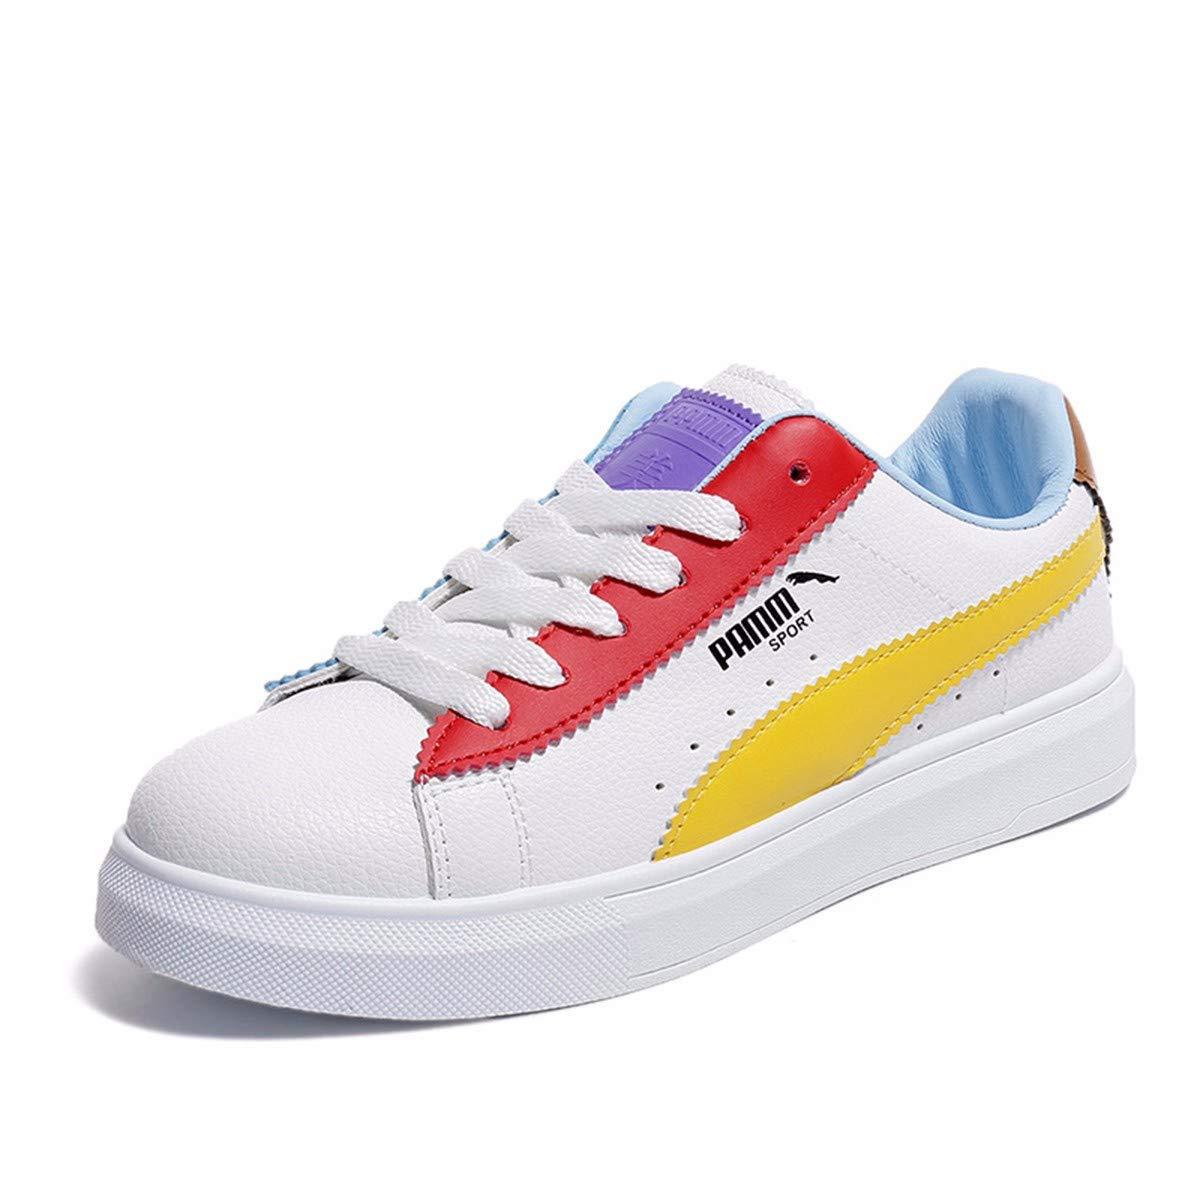 GTVERNH Damenschuhe/Mode/Im Frühling und Sommer Flache Farbe Schuh Runden Kopf Einzigen Schuh Freizeitsport Atmungsaktive Komfort